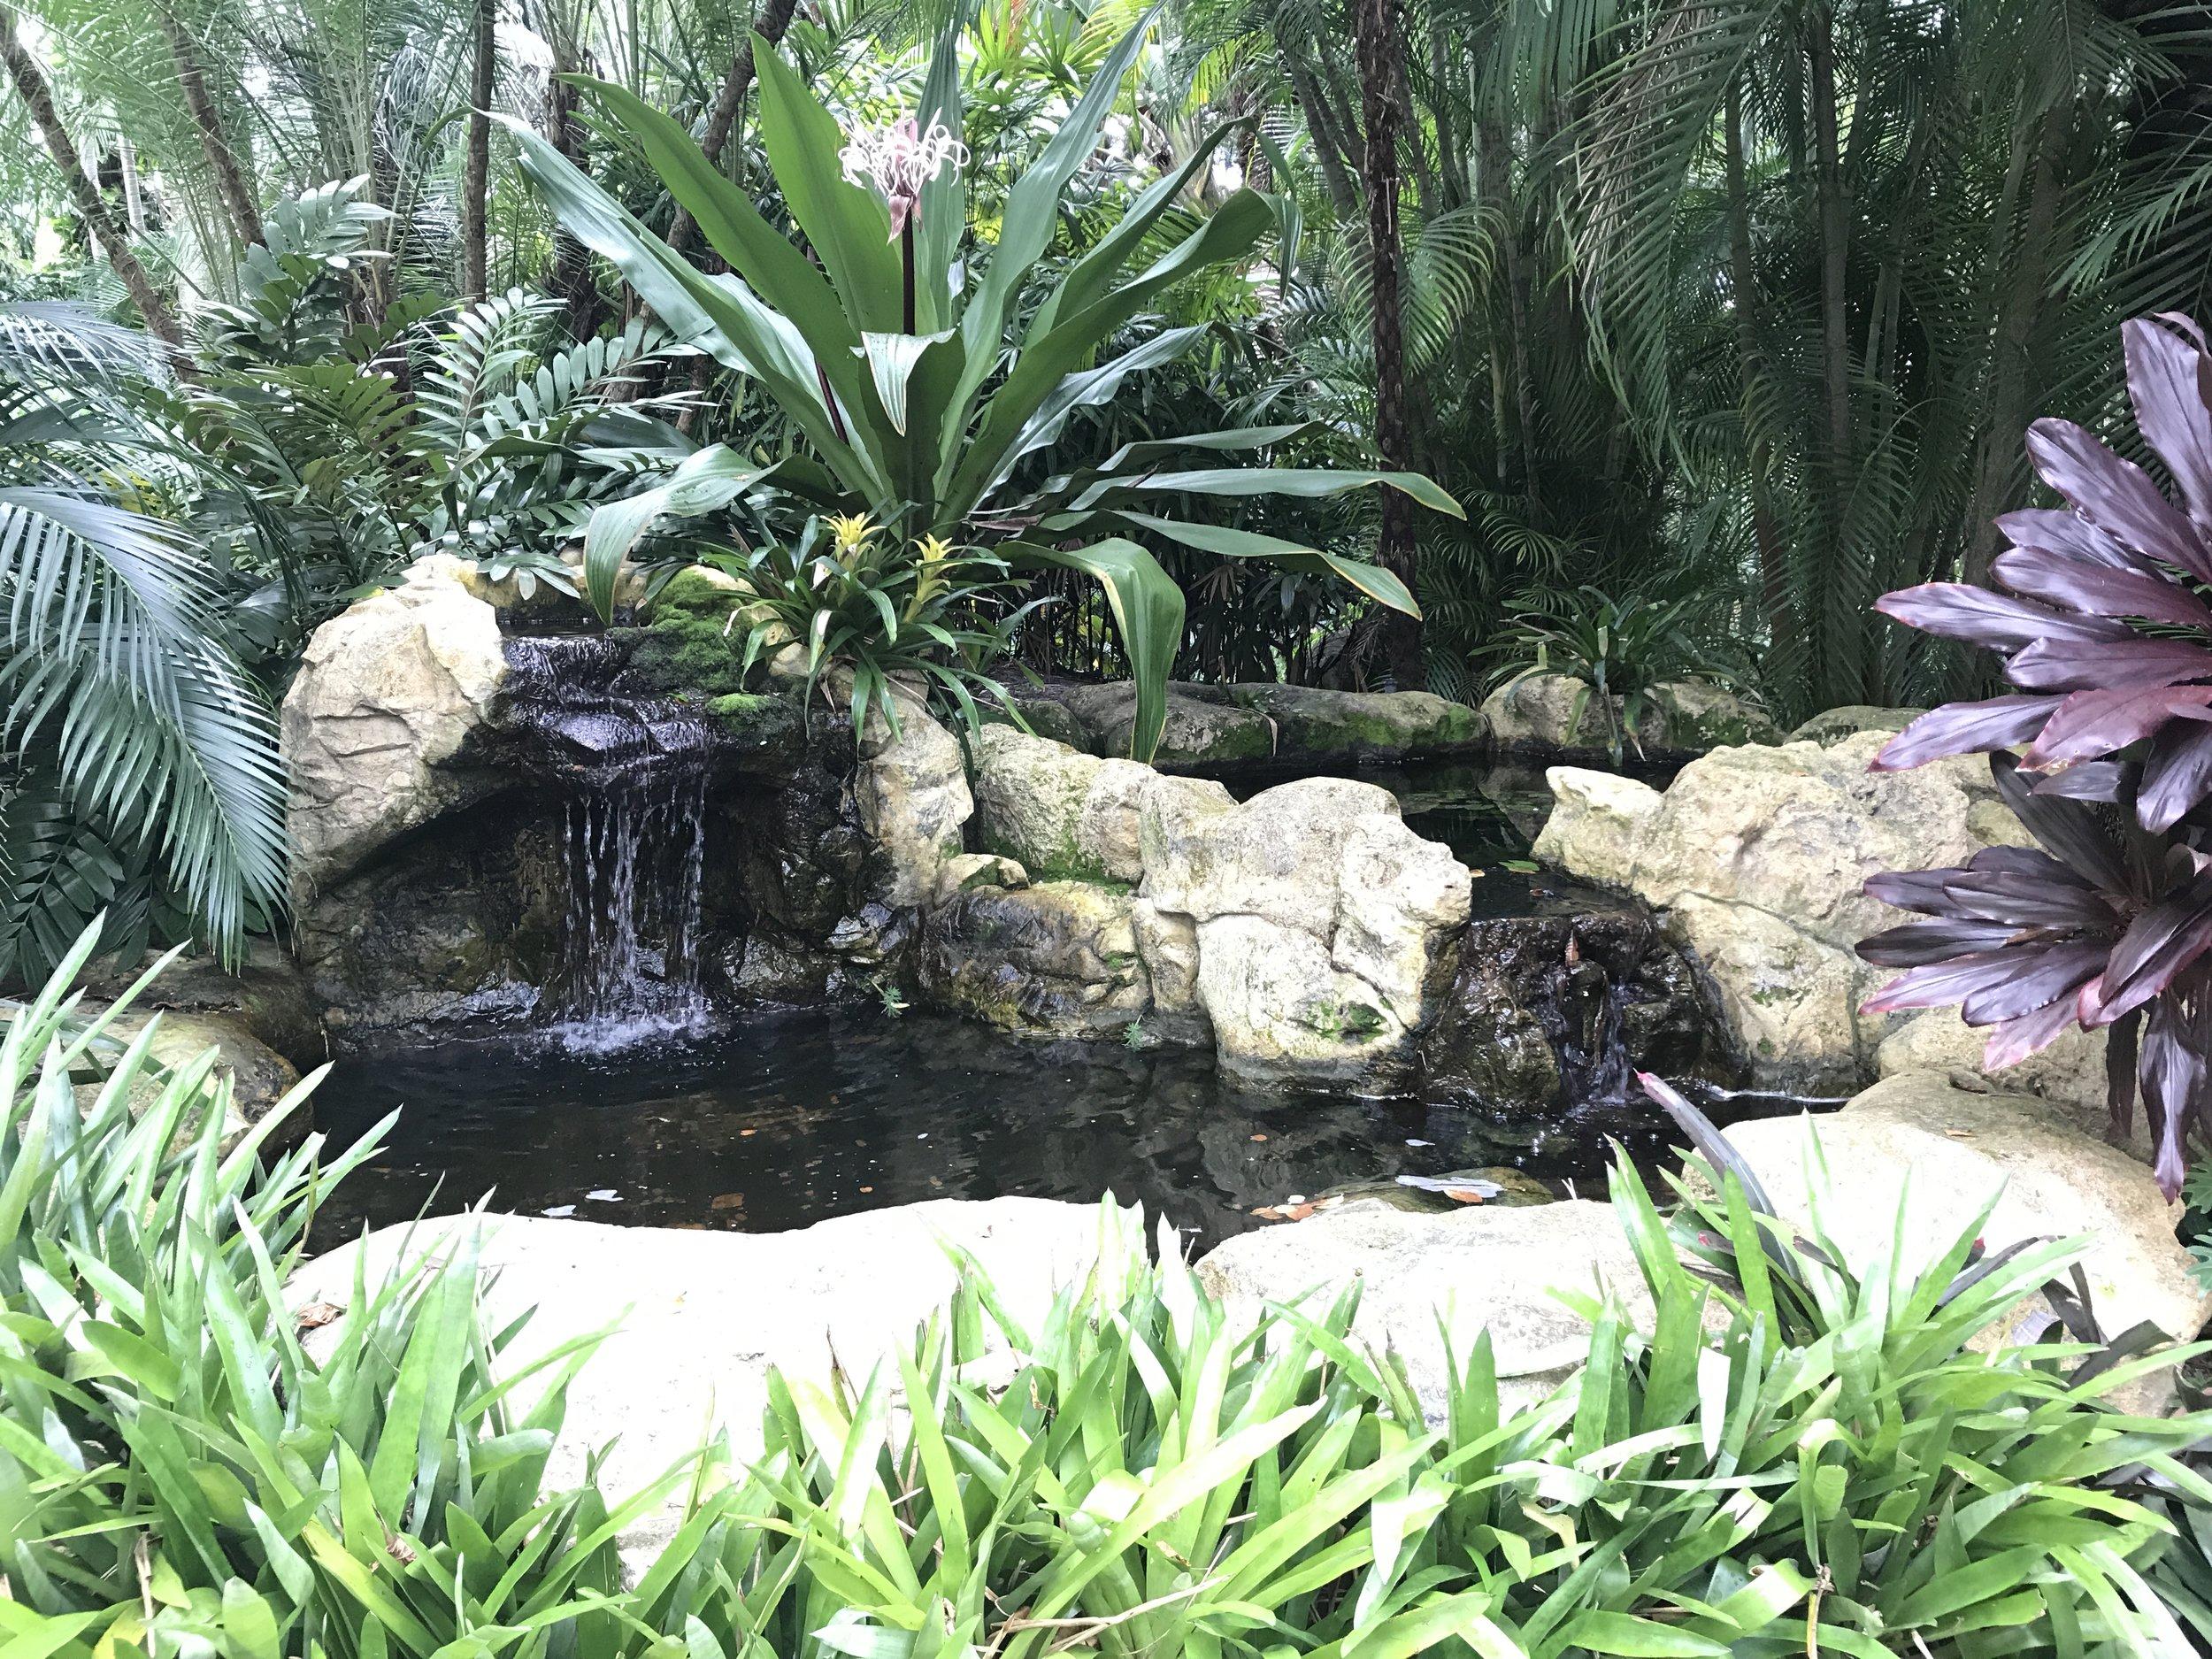 Waterfalls at Sunken Gardens, St Petersburg, FL